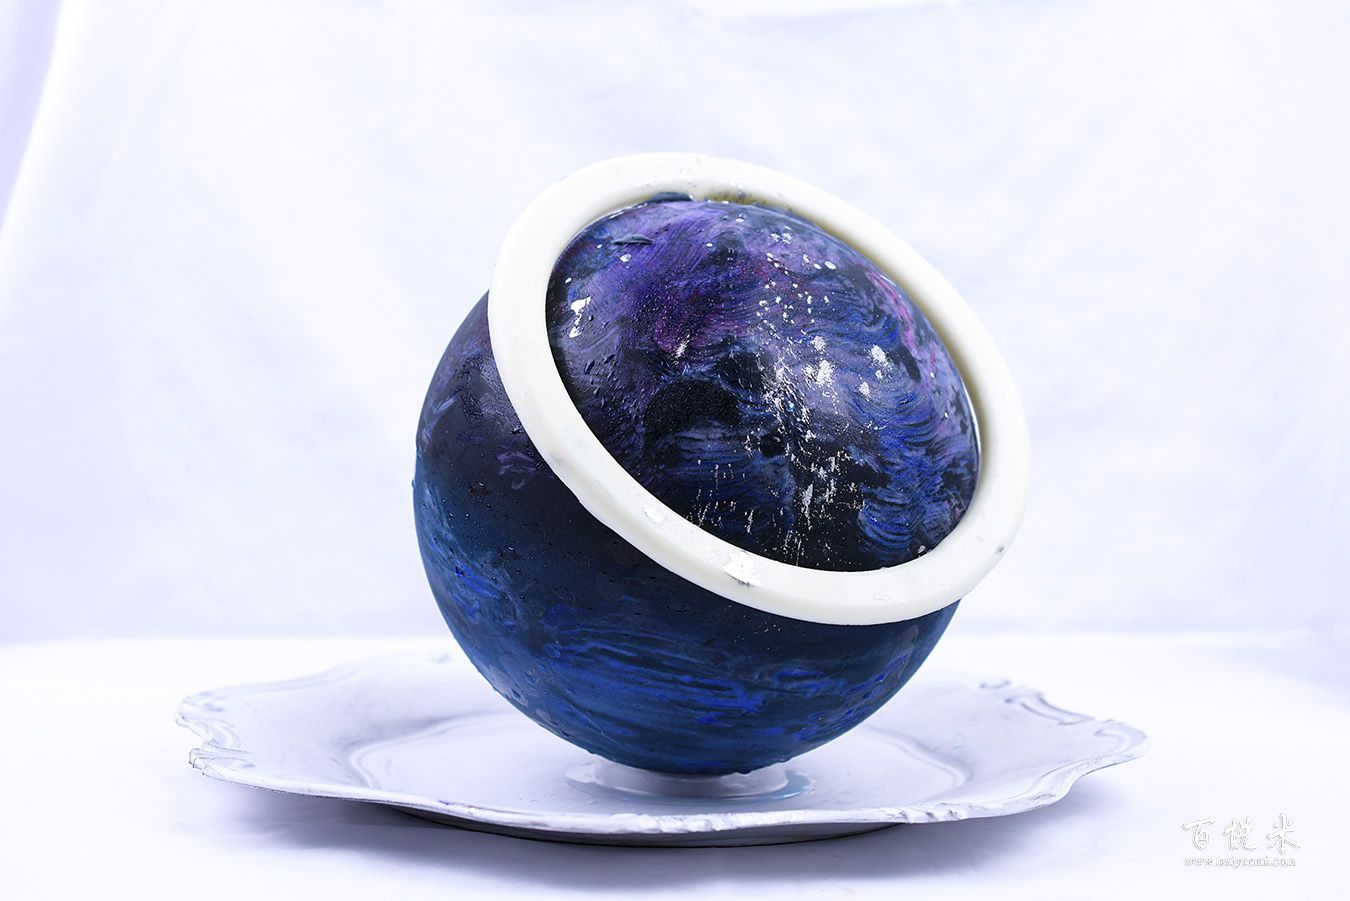 巧克力星球高清图片大全【蛋糕图片】_1225